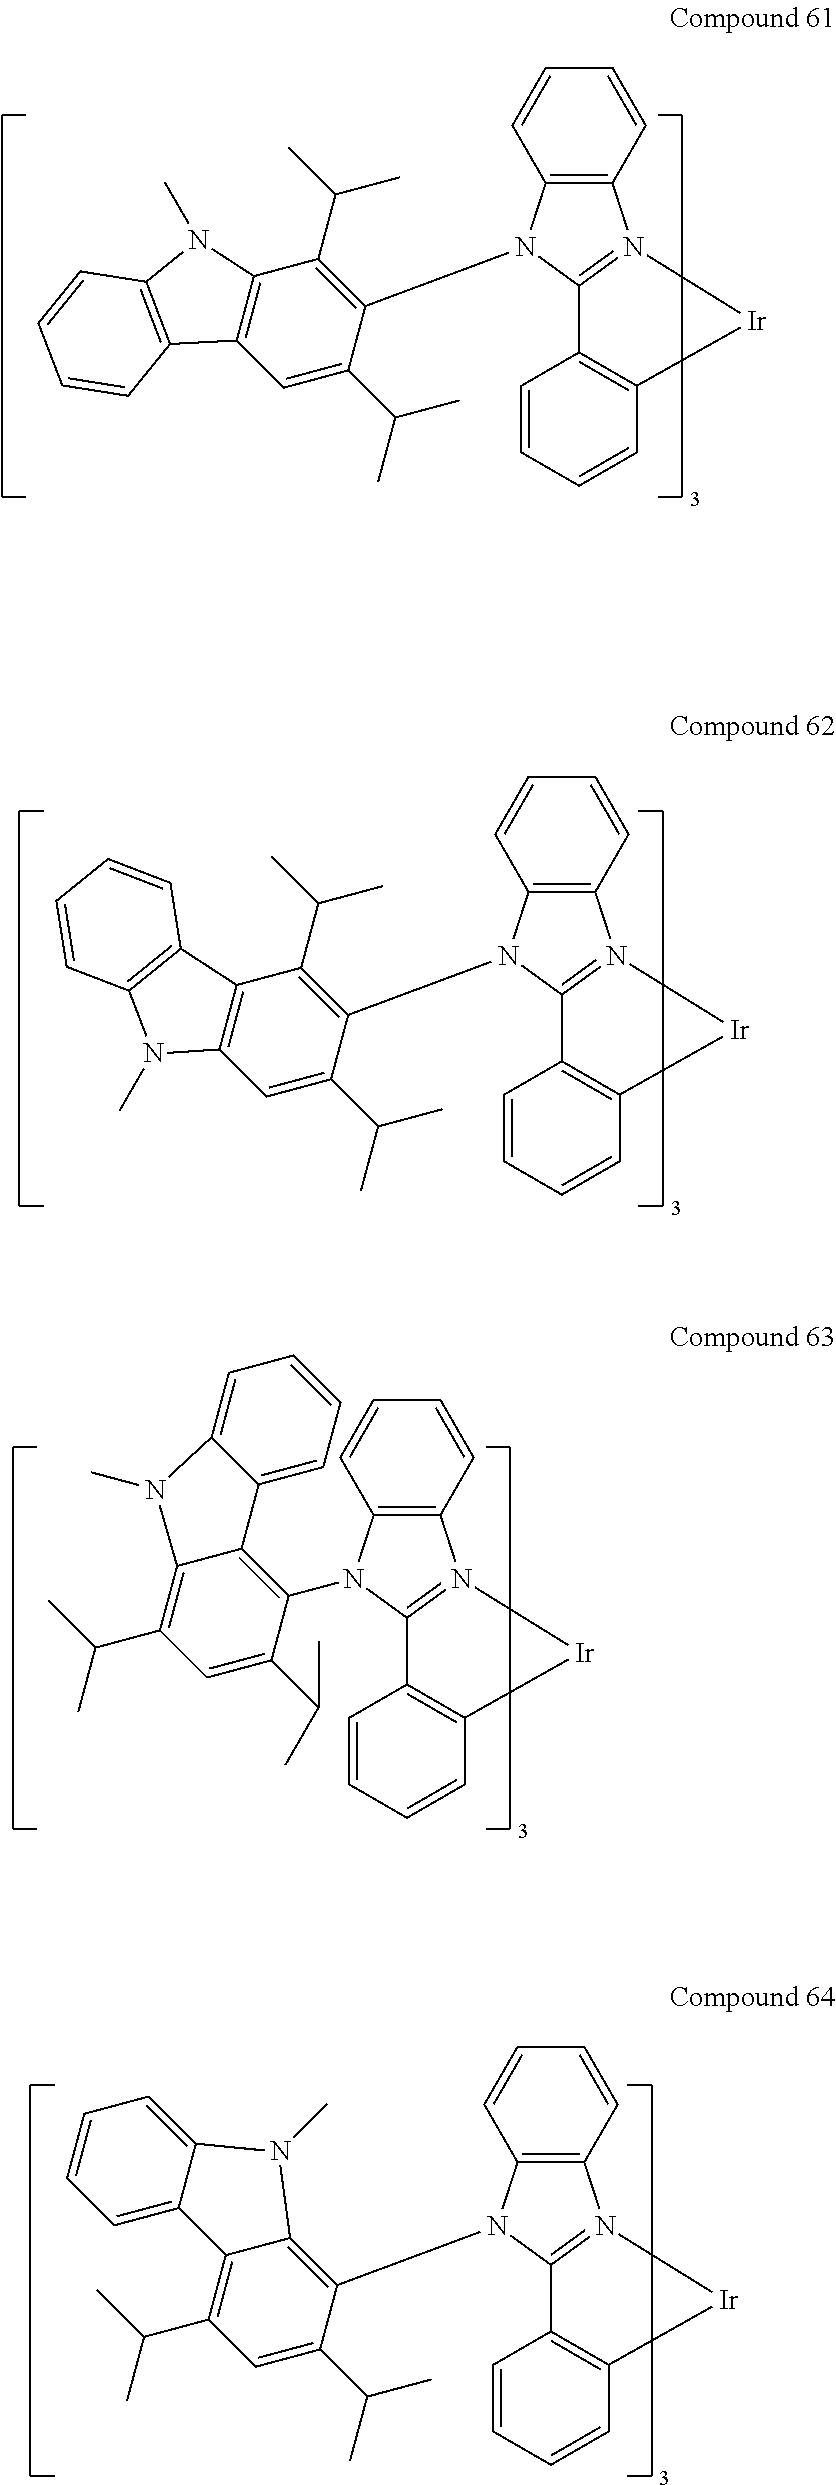 Figure US20110204333A1-20110825-C00026